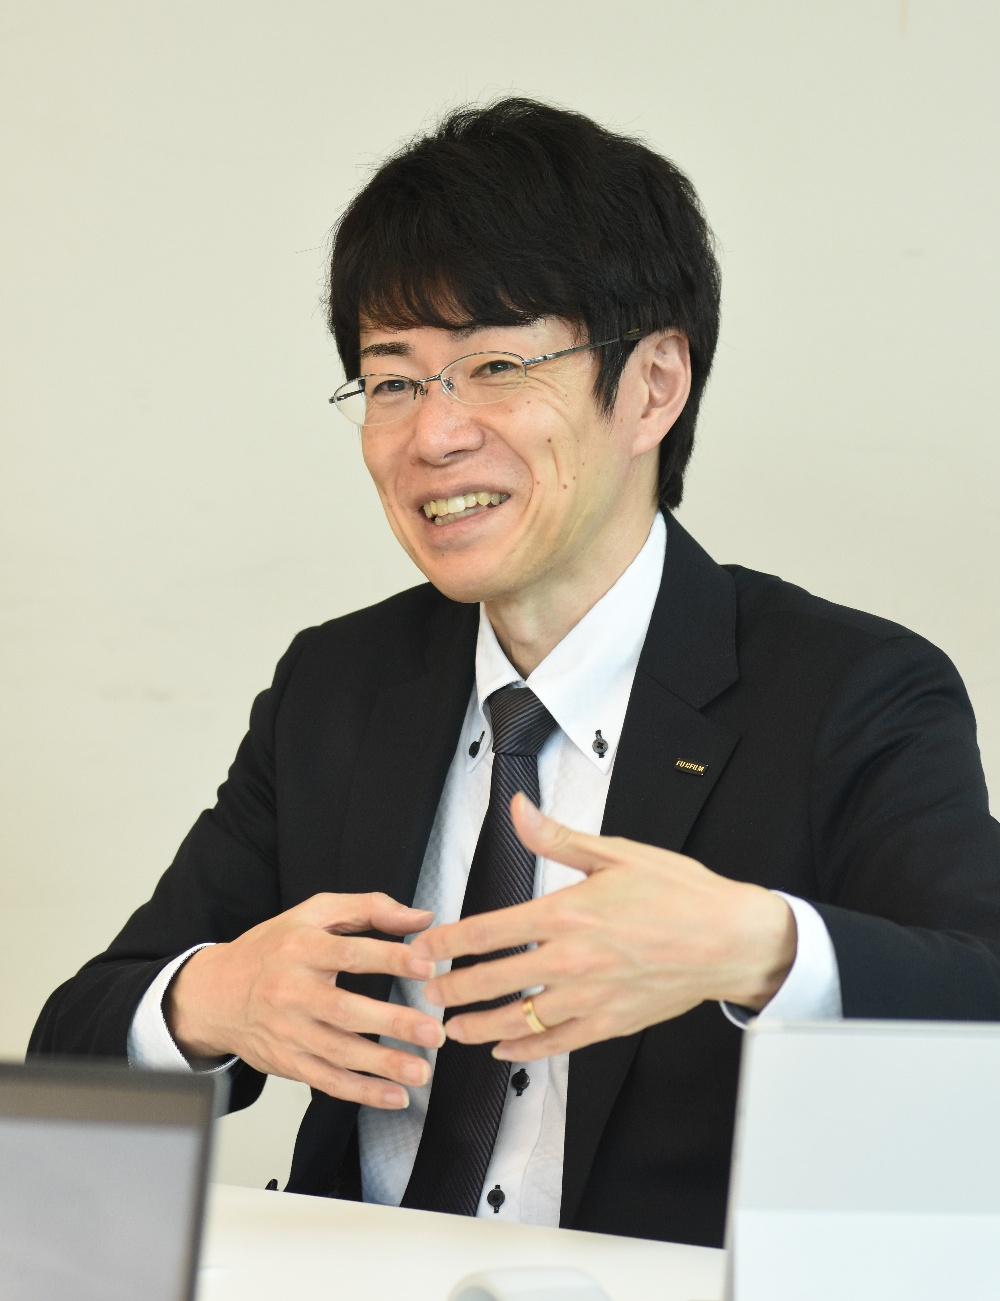 Shibata-shi